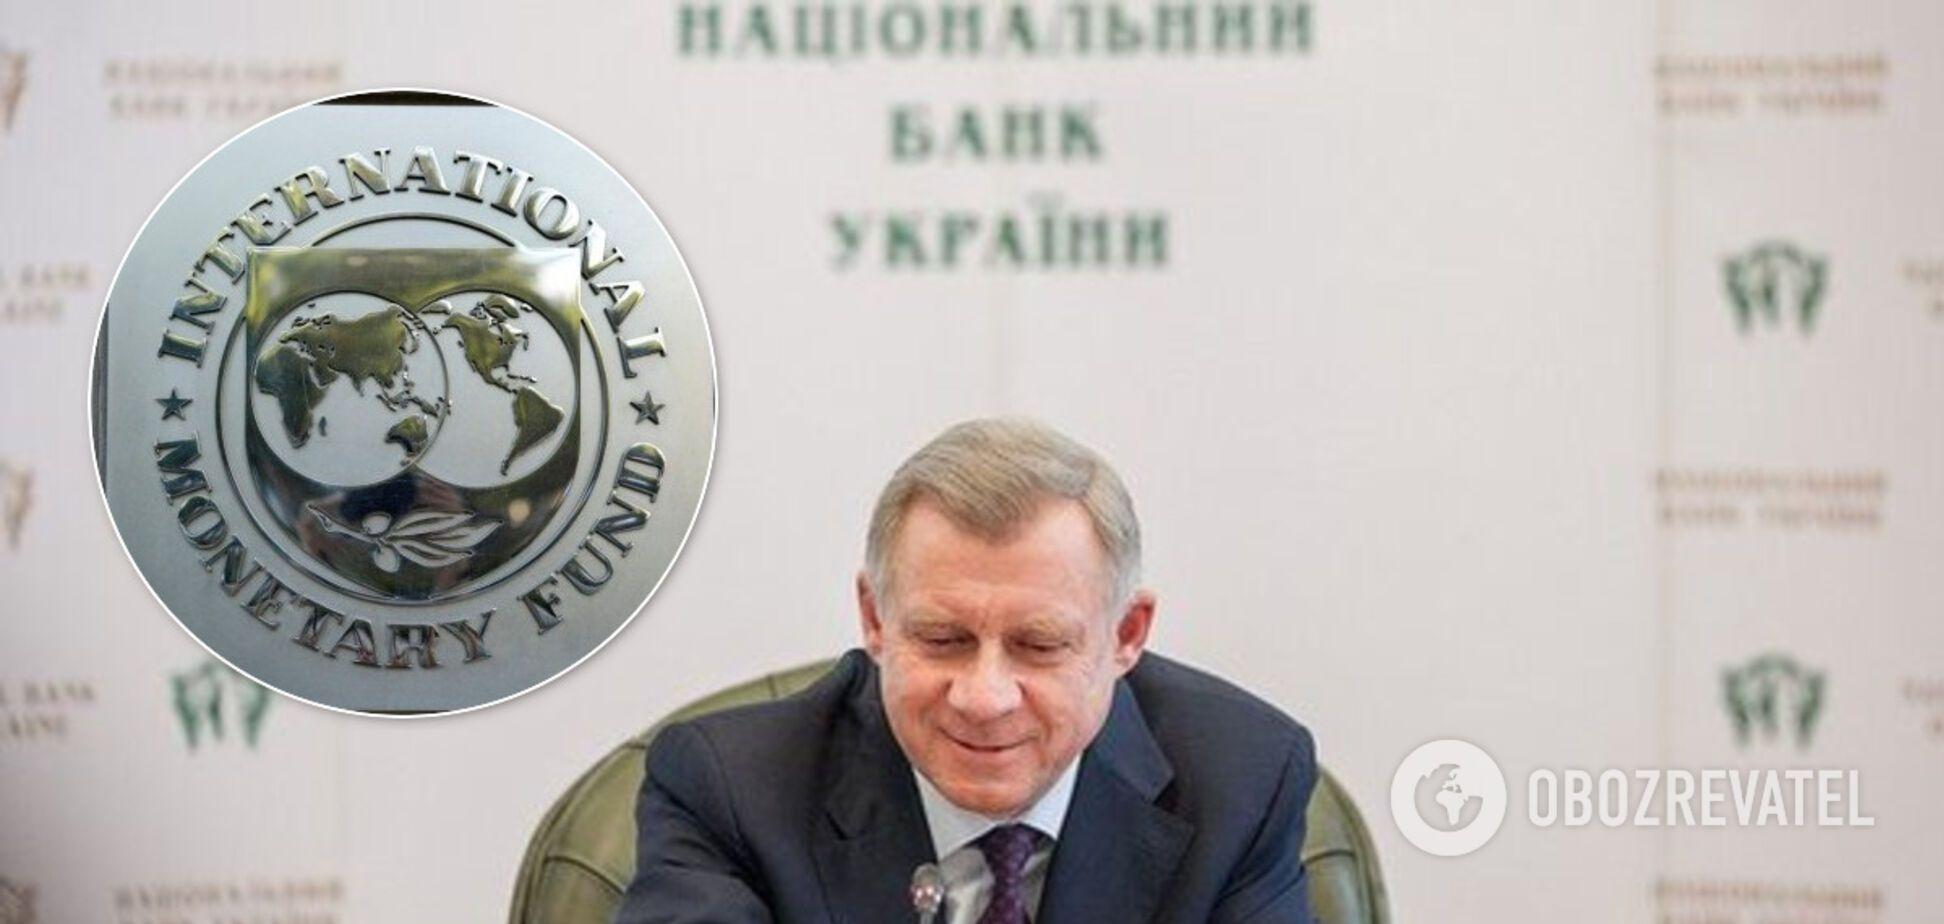 В МВФ и Евросоюзе отреагировали на отставку главы НБУ Смолия